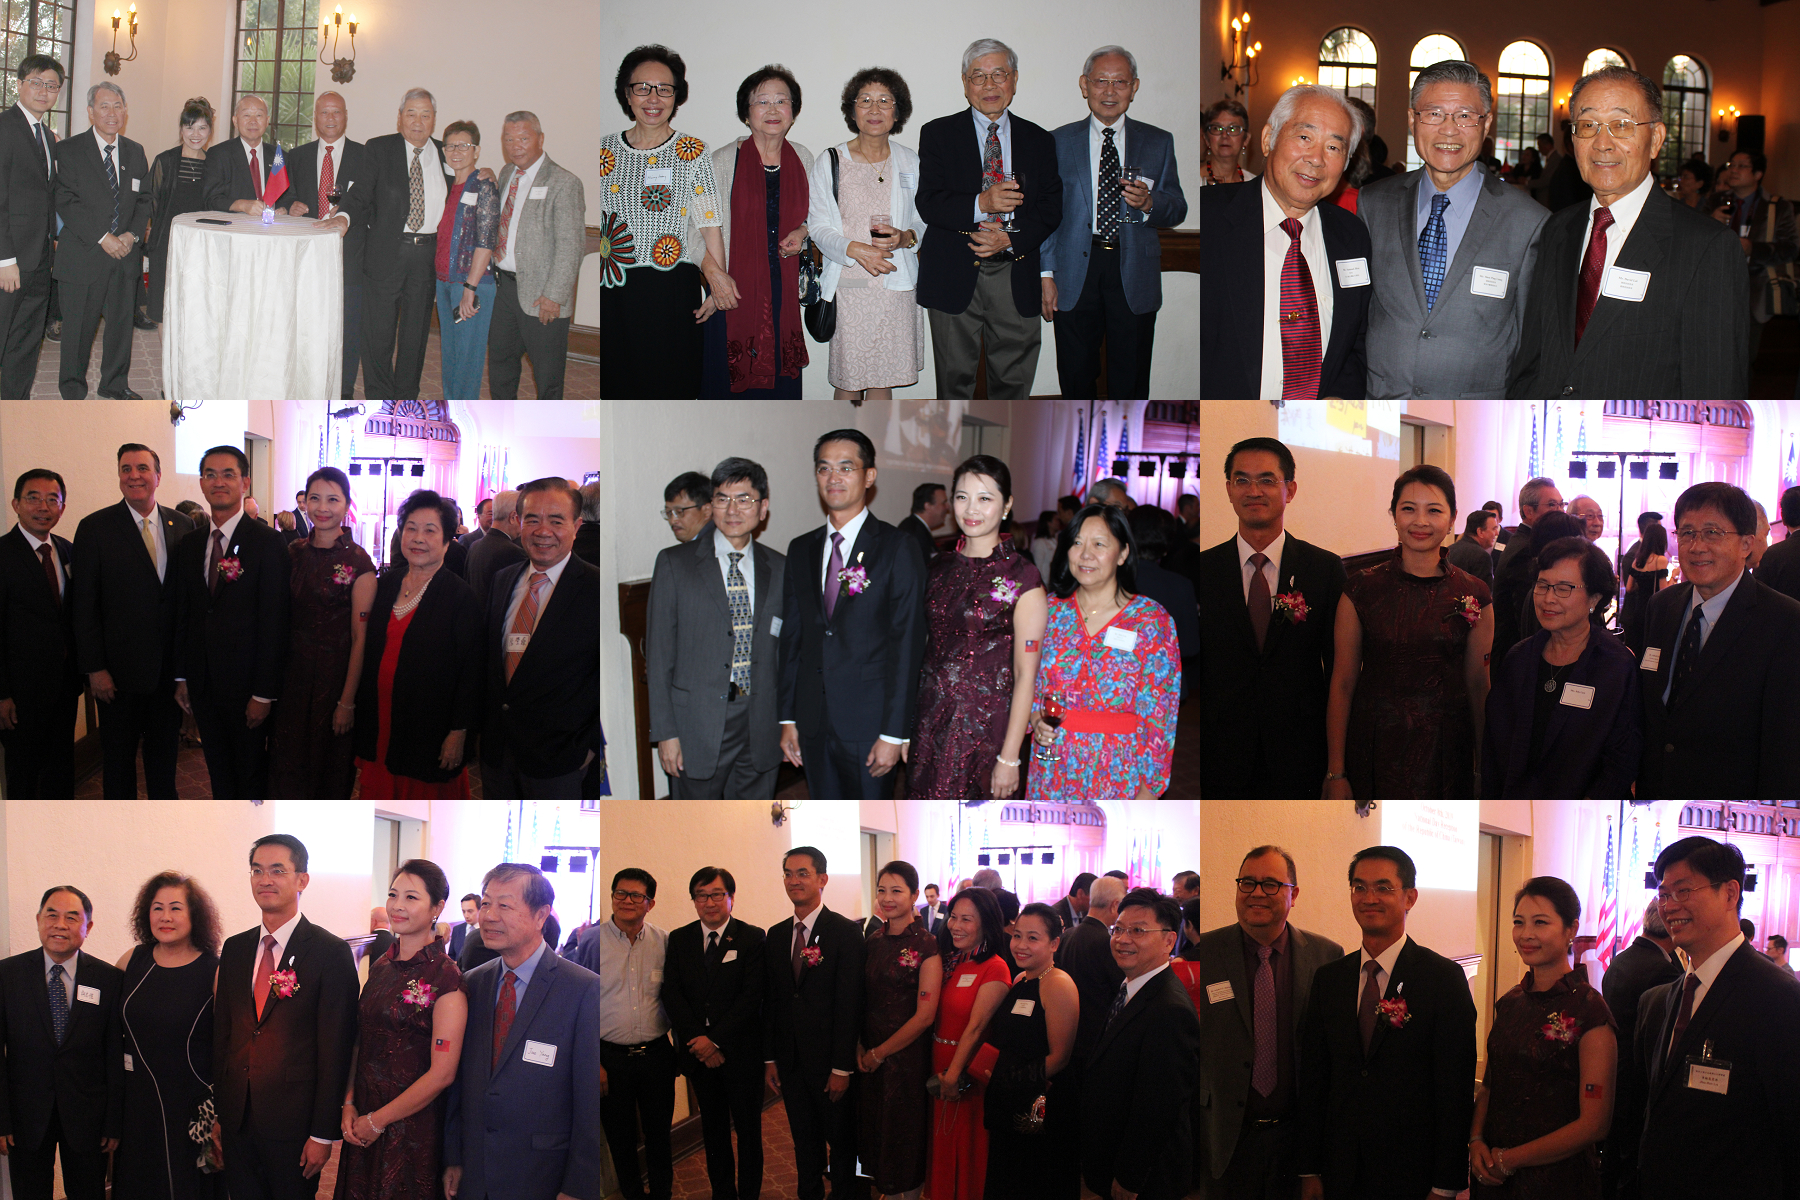 工商學界及社團僑領出席酒會。